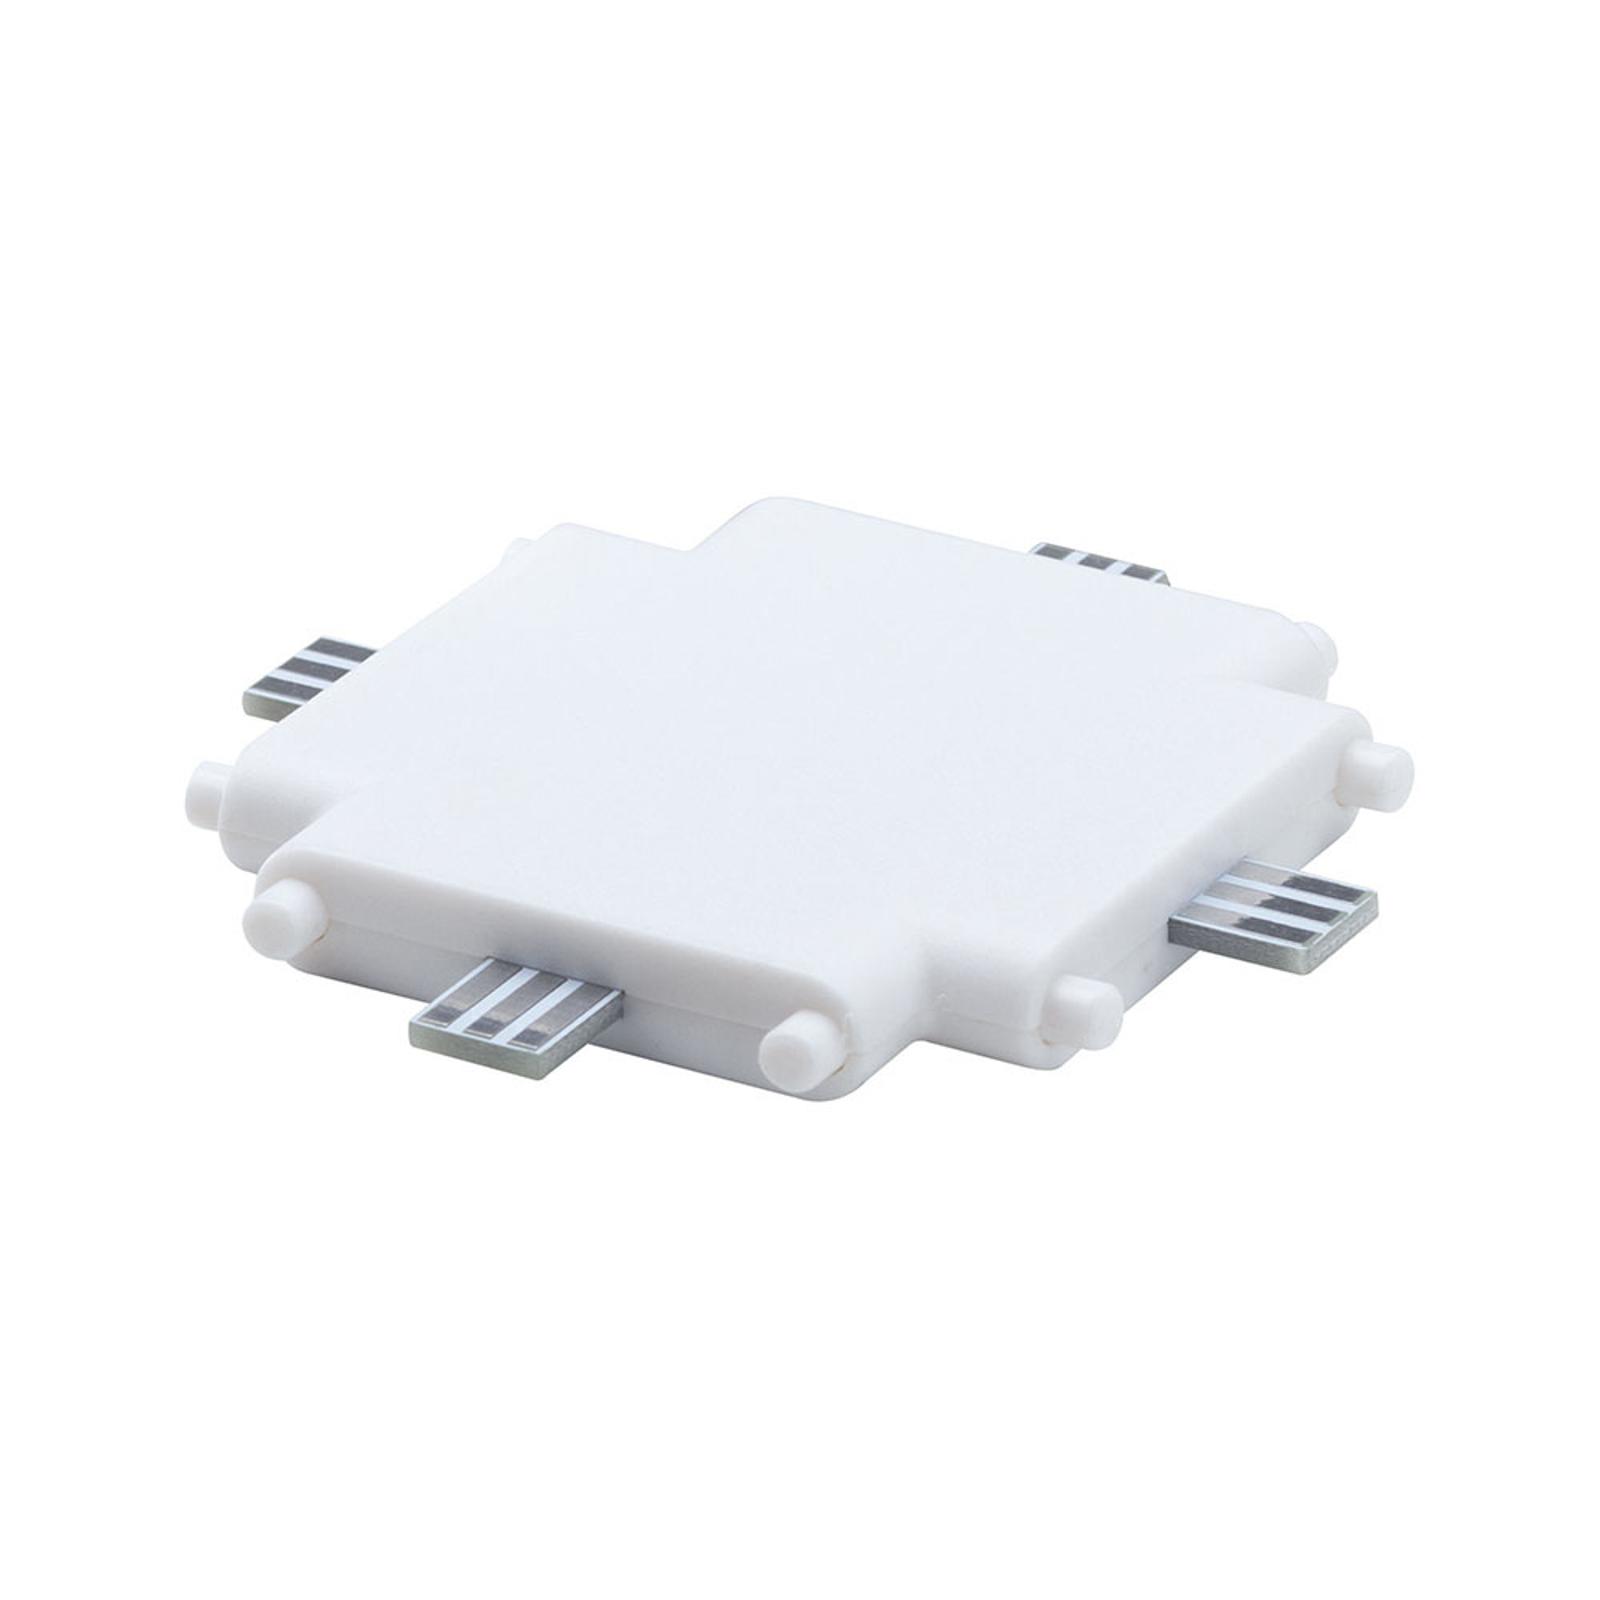 Paulmann Clever Connect X-kontakt Border